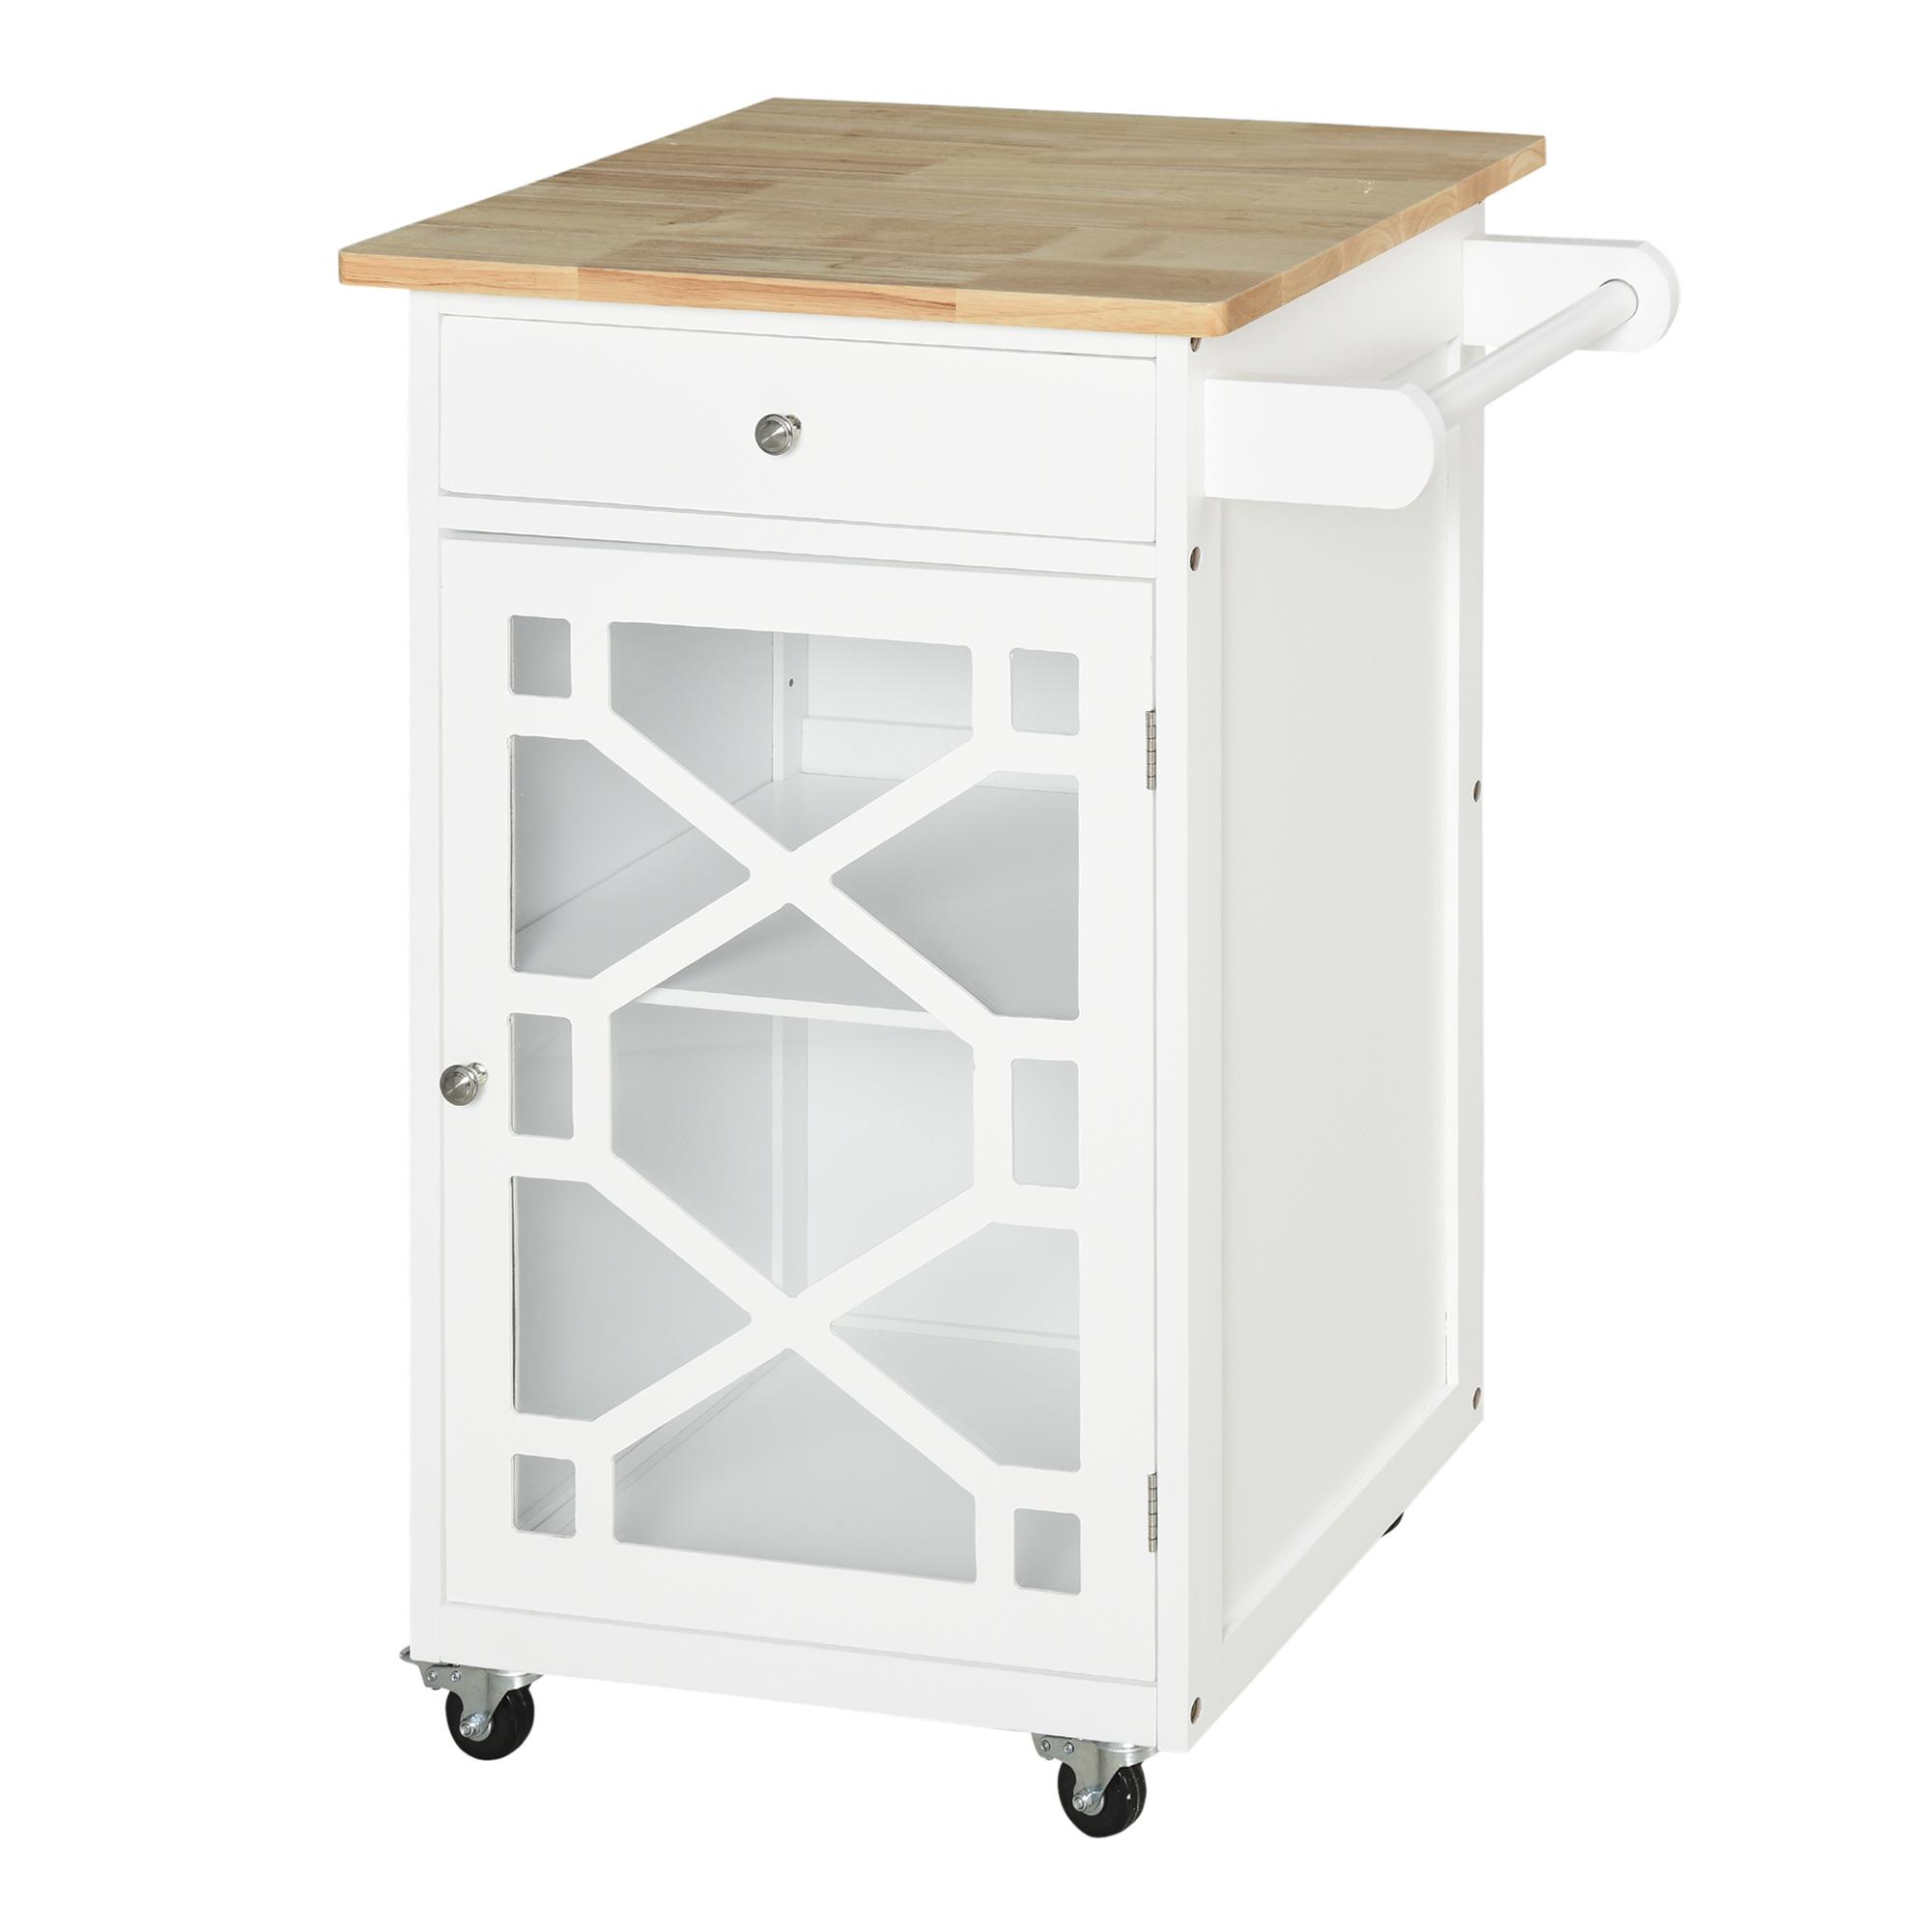 Desserte cuisine tiroir placard porte-serviette bois caoutchouc blanc